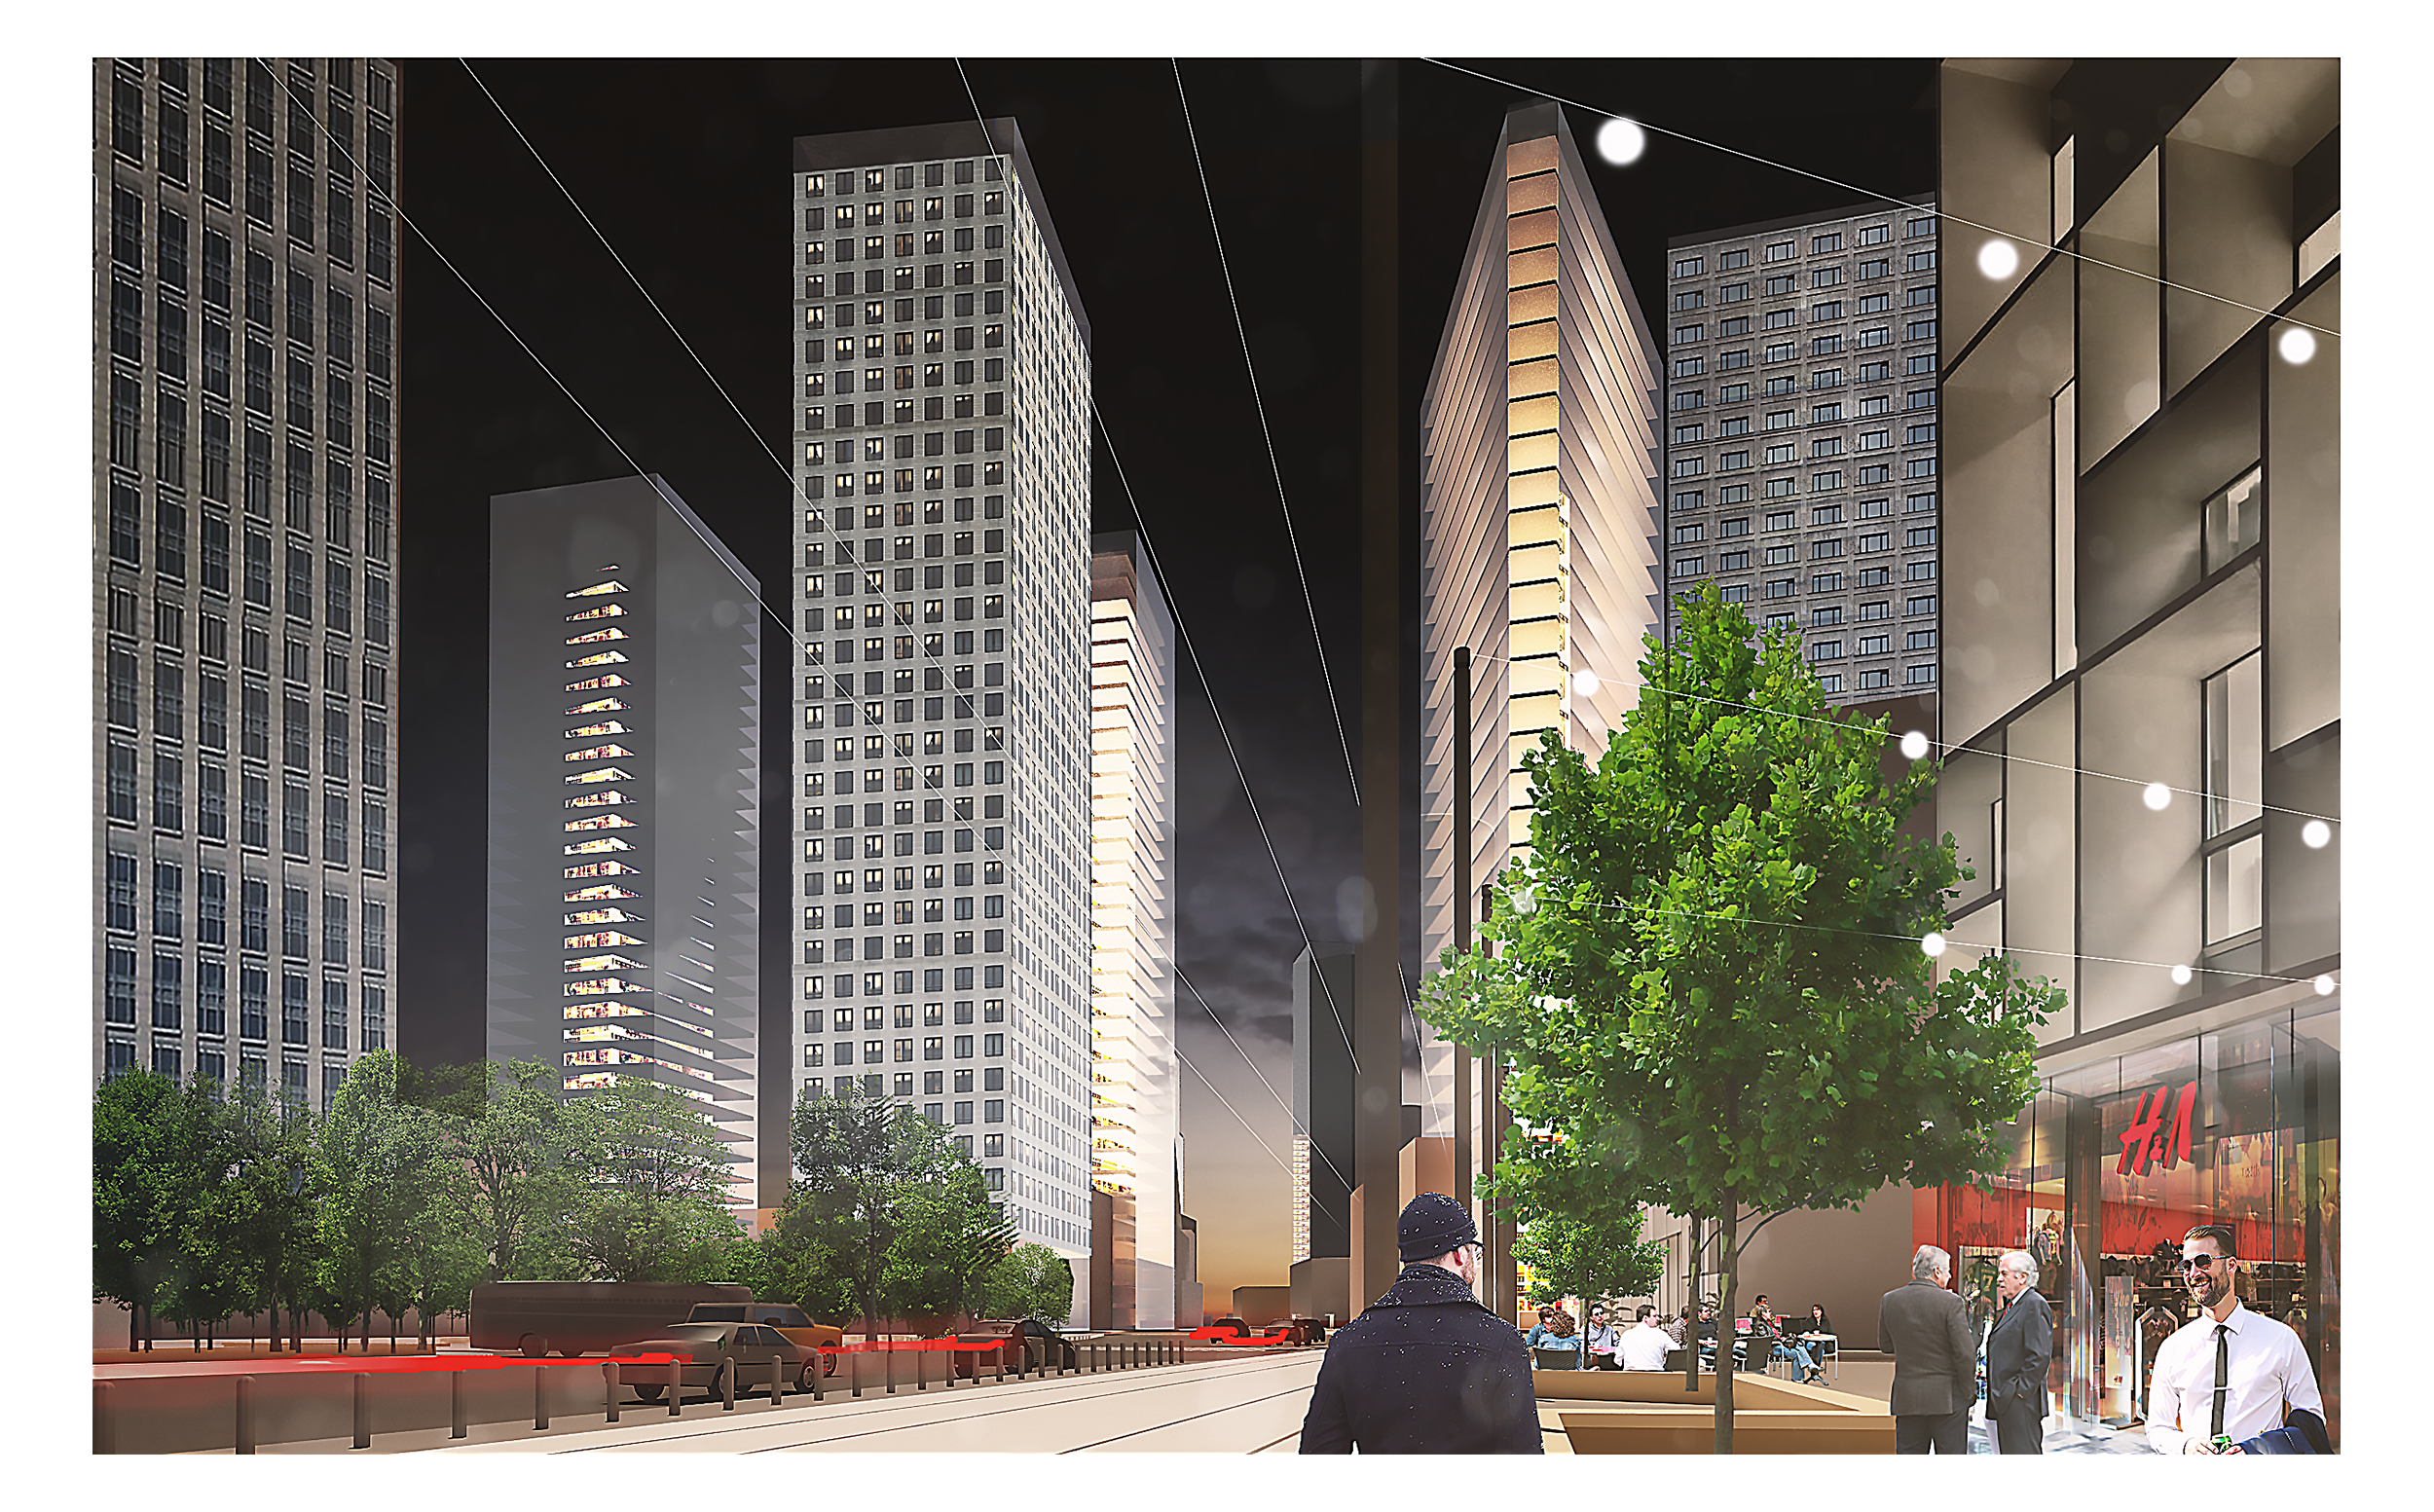 +48 architektura – Widok towarowej od Deawoo Tower